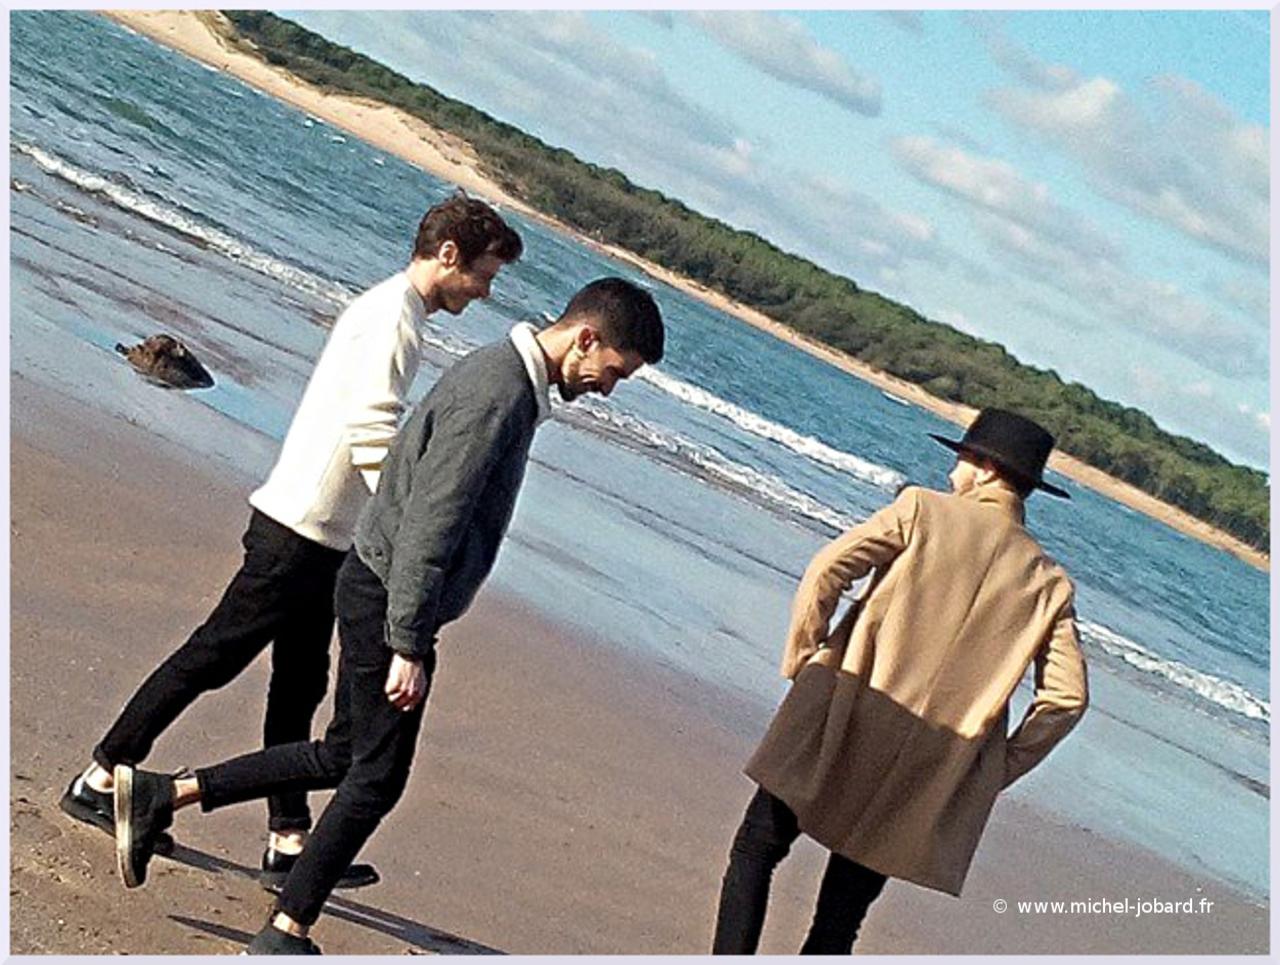 Les sables émouvants 04